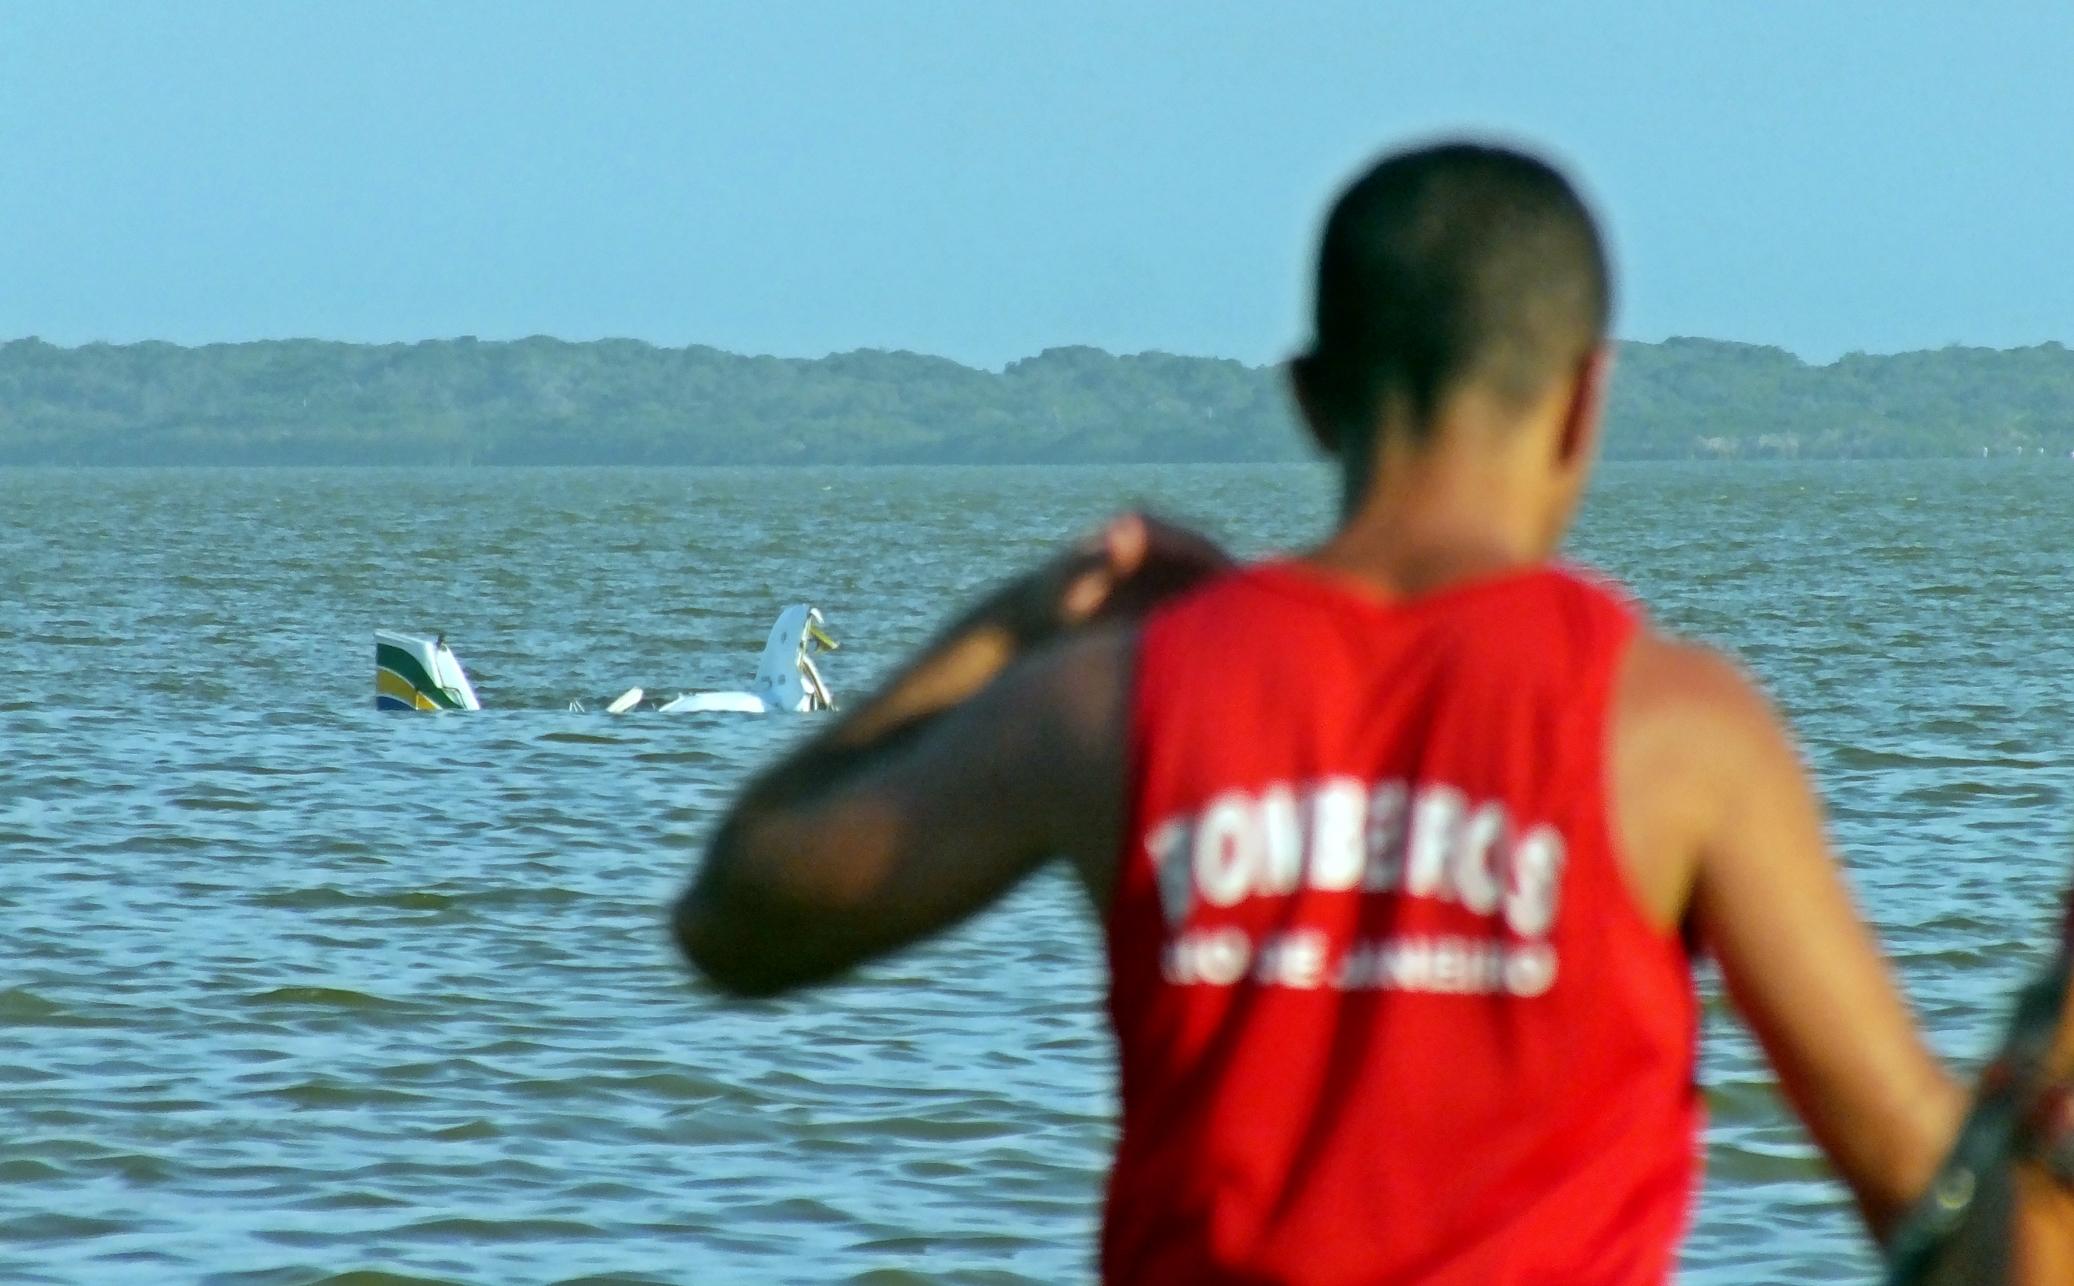 Bombeiros auxiliaram no resgate dos dois corpos na queda de um avião na Lagoa de Maricá. (Foto: João Henrique | Maricá Info)